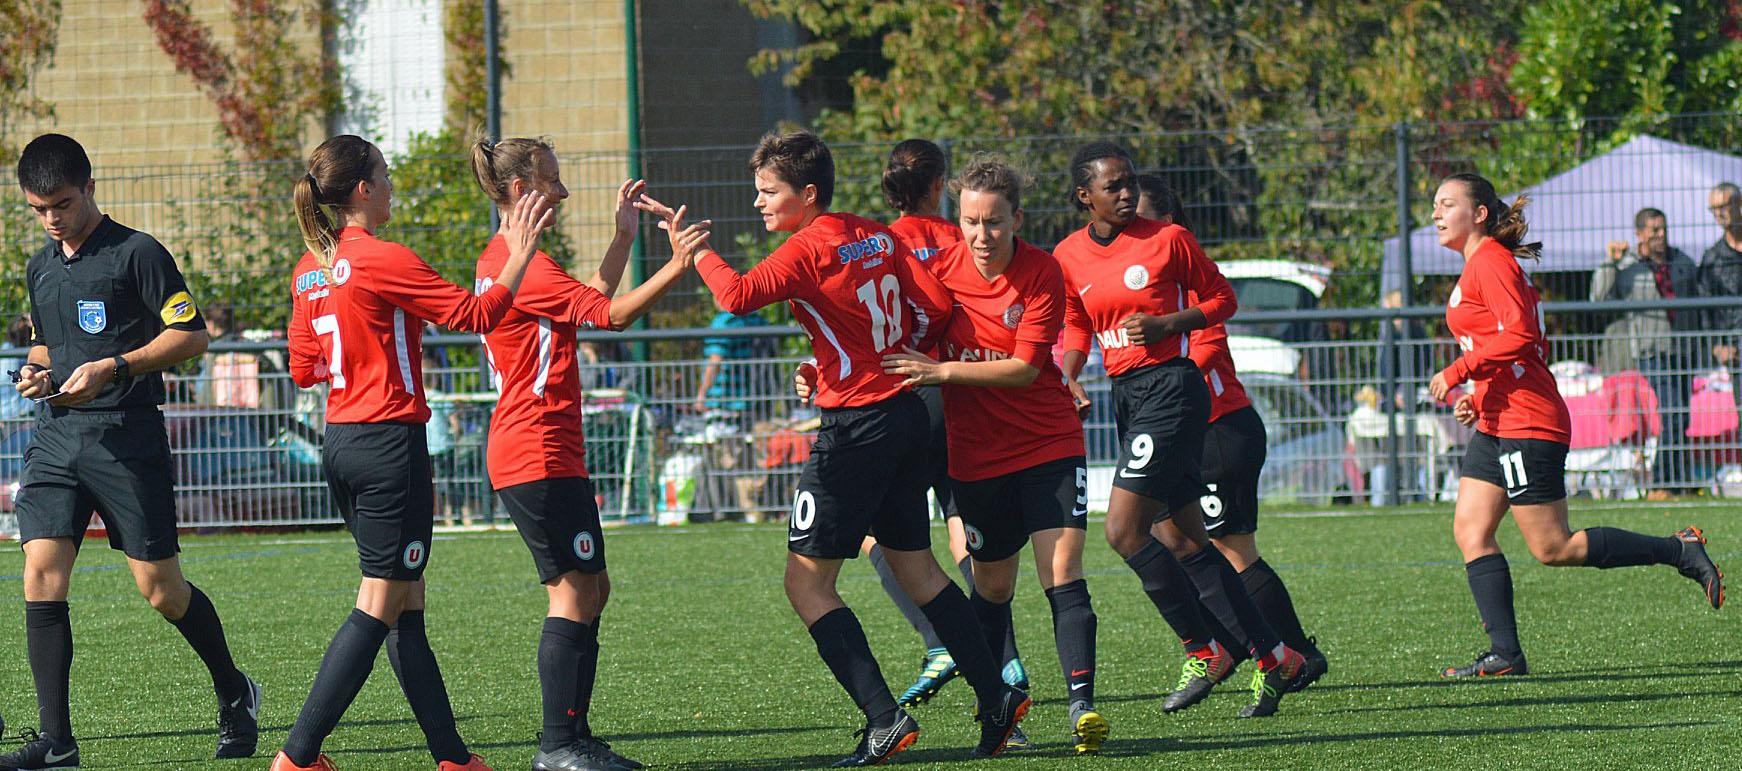 Calendrier Mondial Féminin 2021 R1 Féminine. Le calendrier 2020 2021 est connu !   FC Mordelles